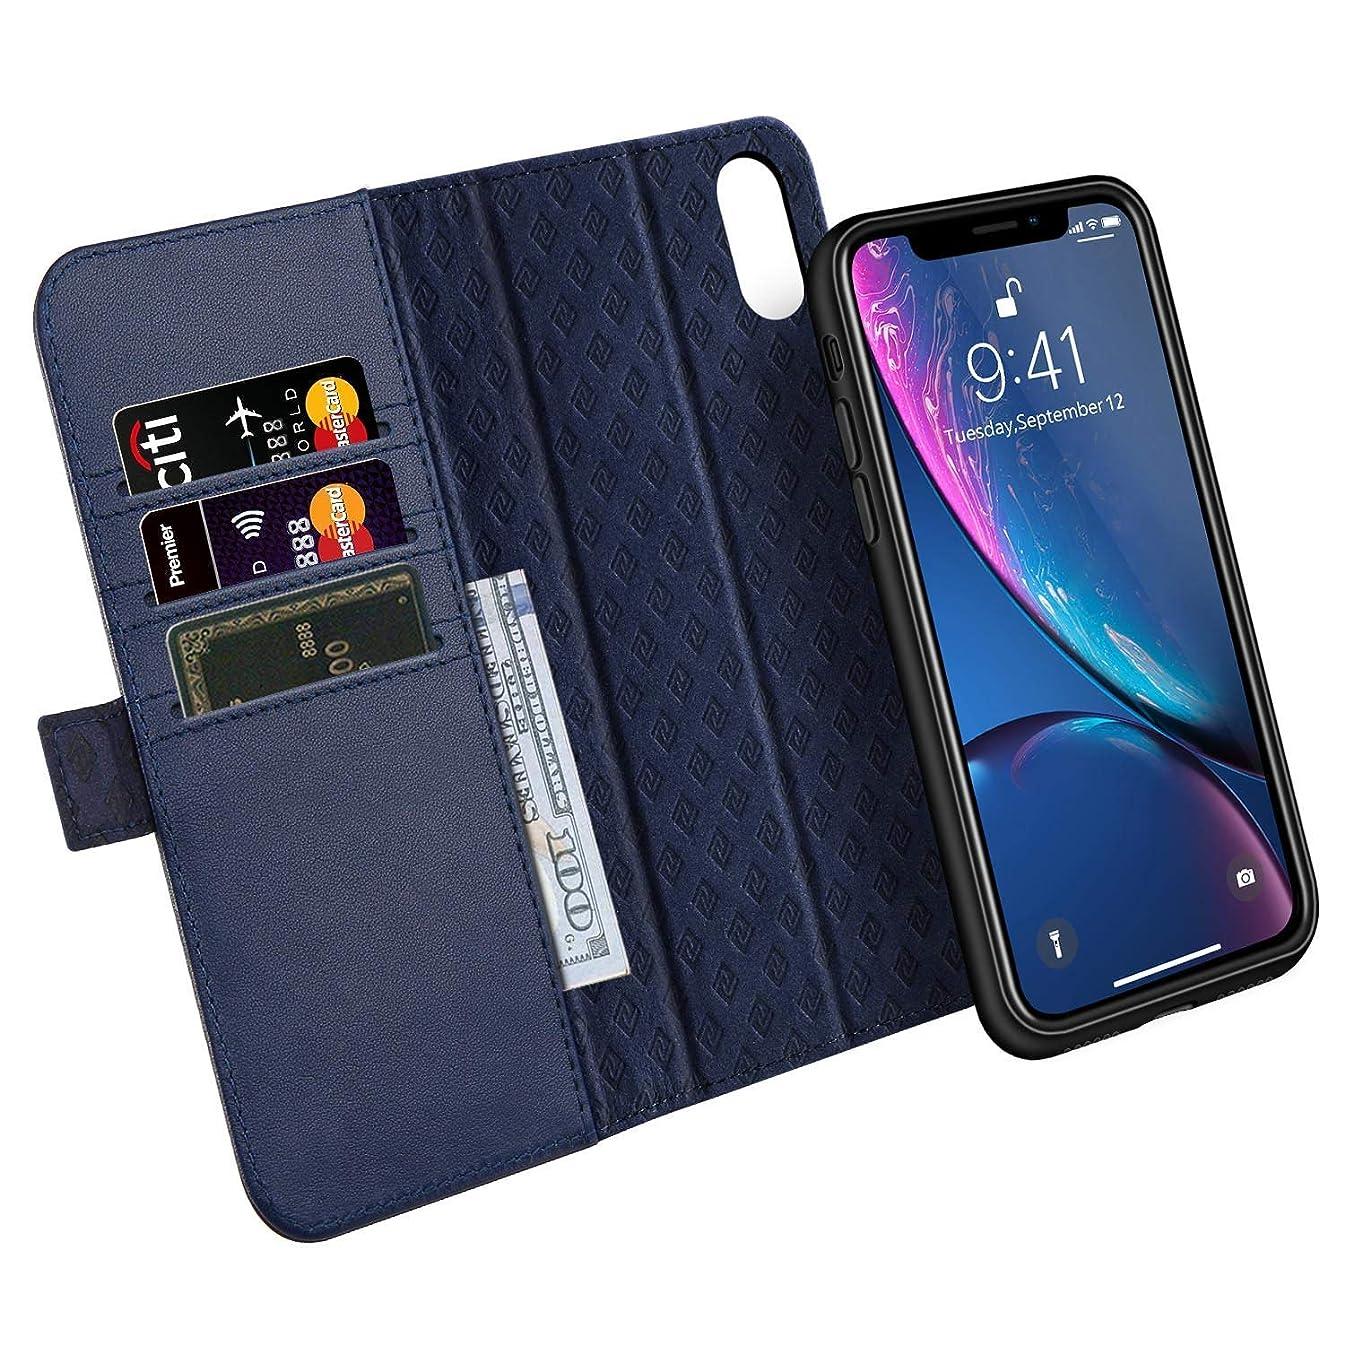 エロチック汗誠意iPhone XR ケース 手帳型 分離型 本革 RFIDブロッキング サイドマグネット式 取り外し カバー 全面保護 スタンド機能 カード収納 耐汚れ 耐衝撃 財布型 ギフトボックス アイフォンXR(6.1インチ用 ネイビー)Navy Blue